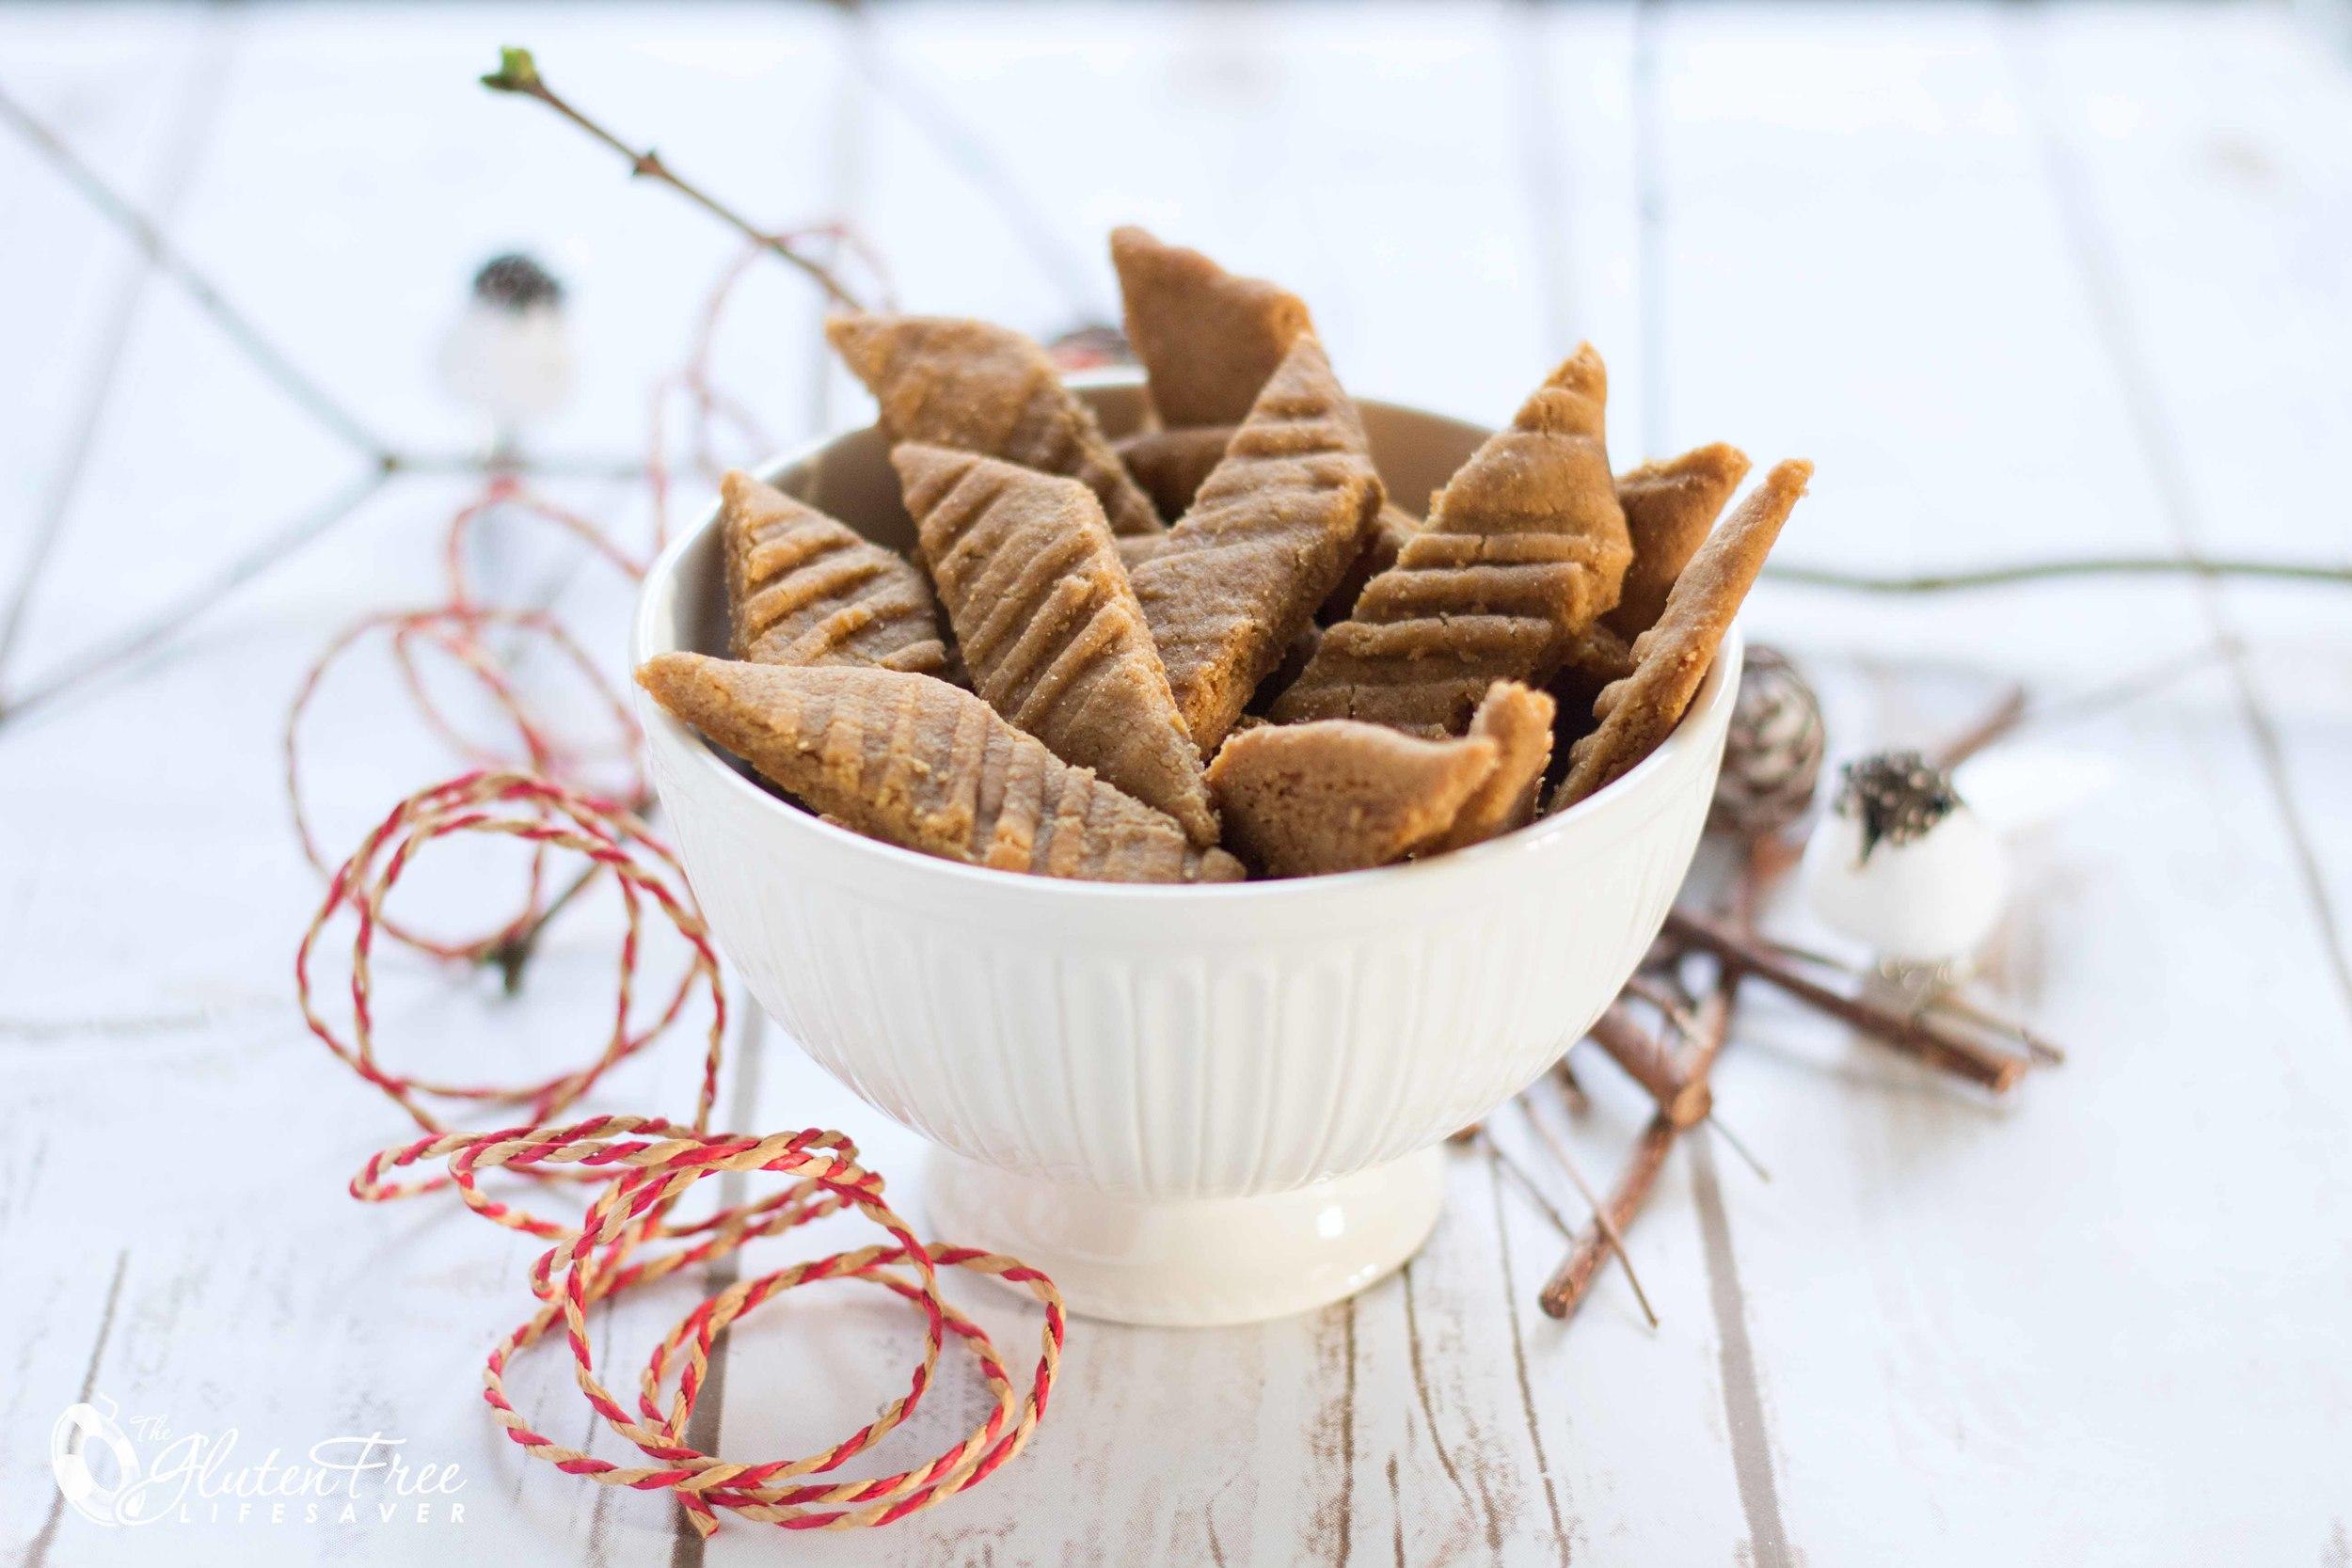 Glutenfri oppskrift på kolakaker